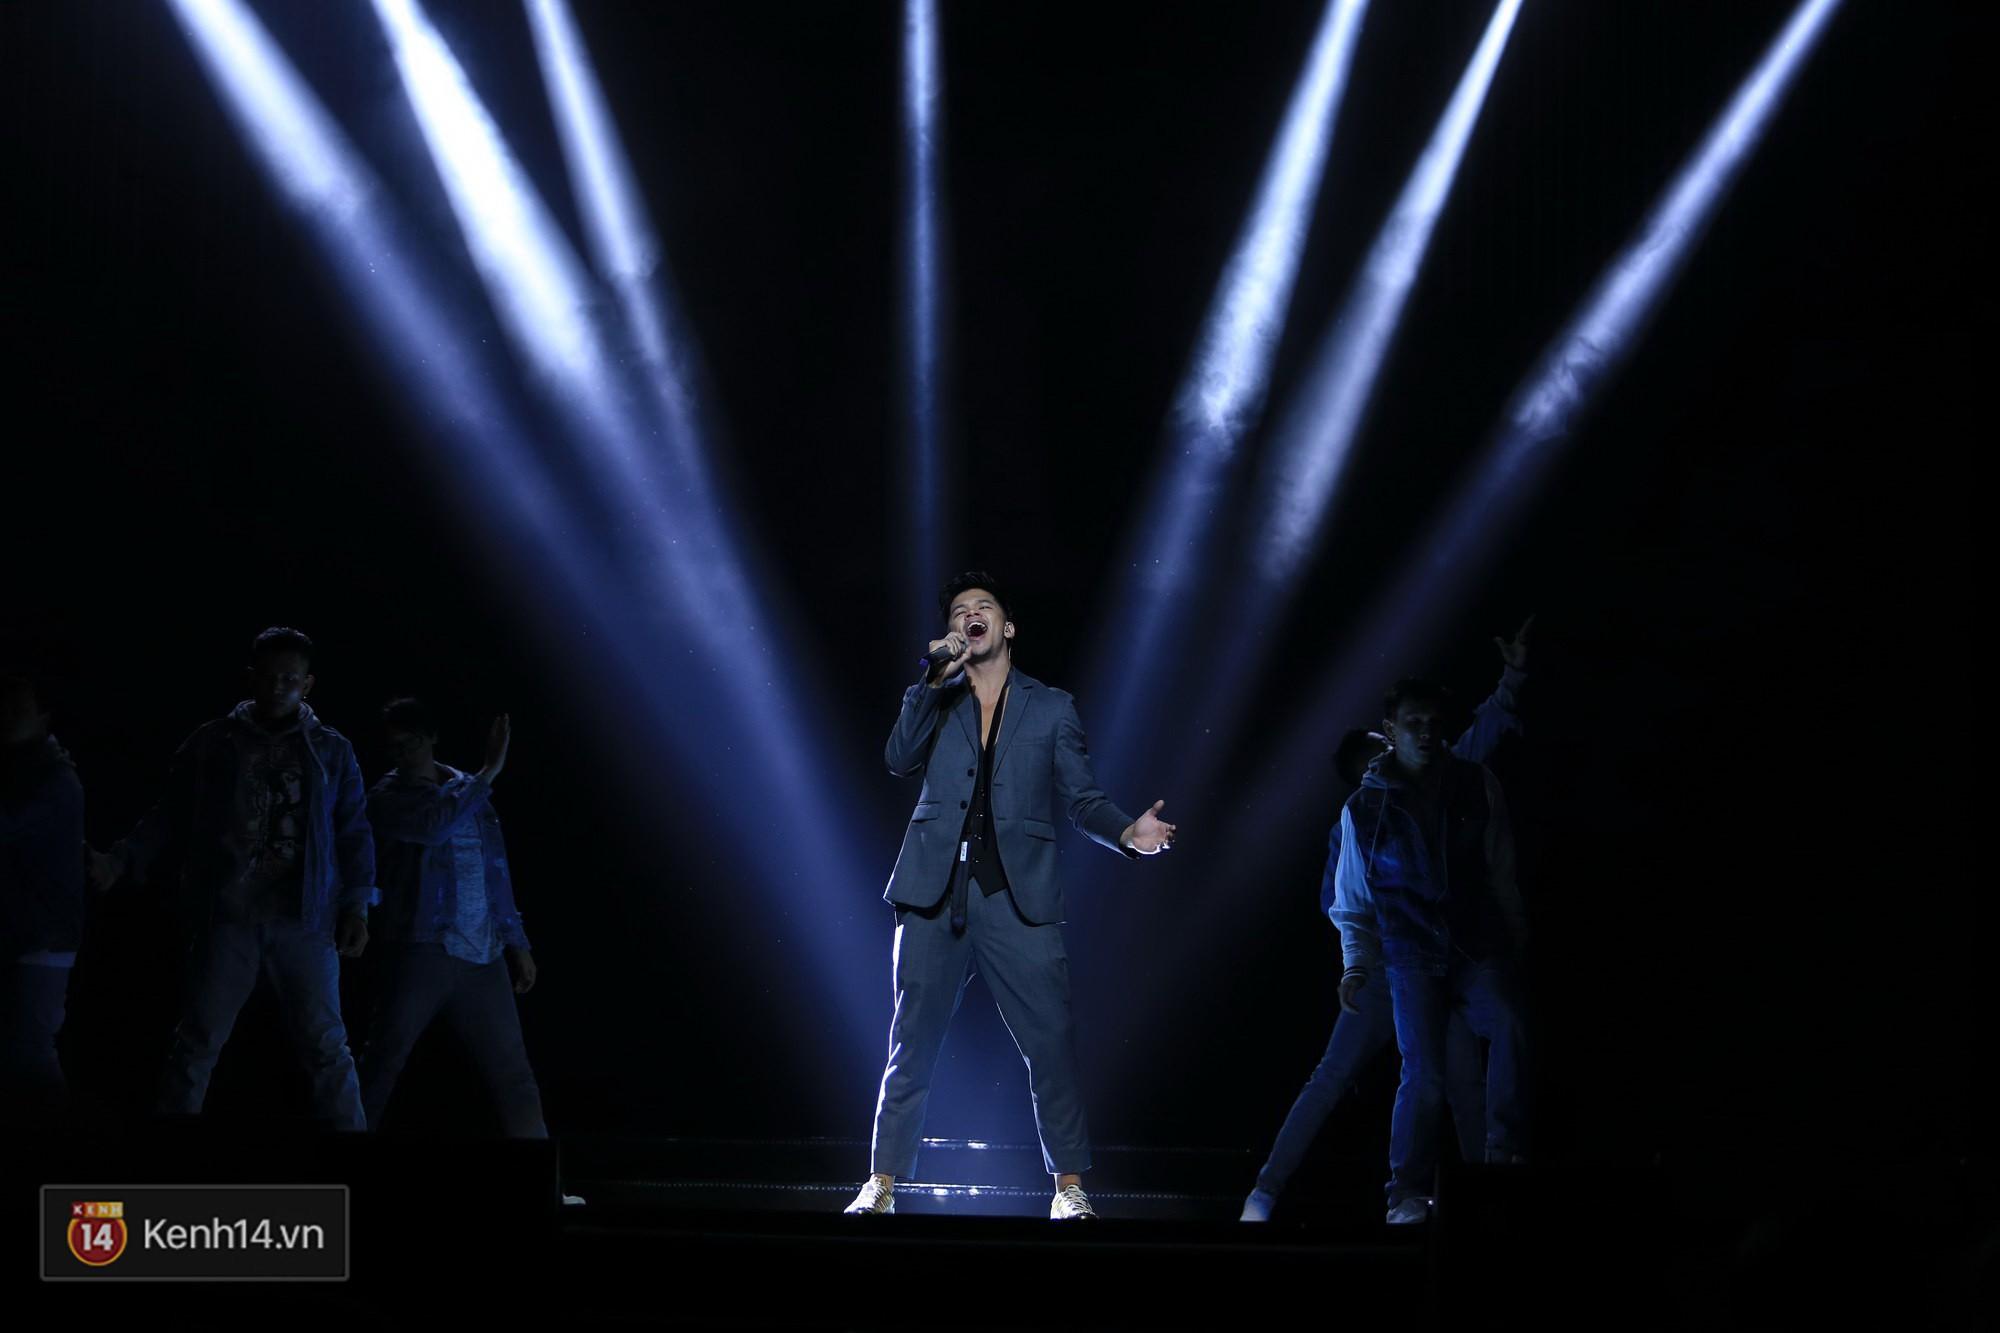 Clip: Đông Nhi và hiện tượng âm nhạc thế giới Bút dứa - Táo bút đốt cháy sân khấu bằng loạt hit đình đám - Ảnh 13.